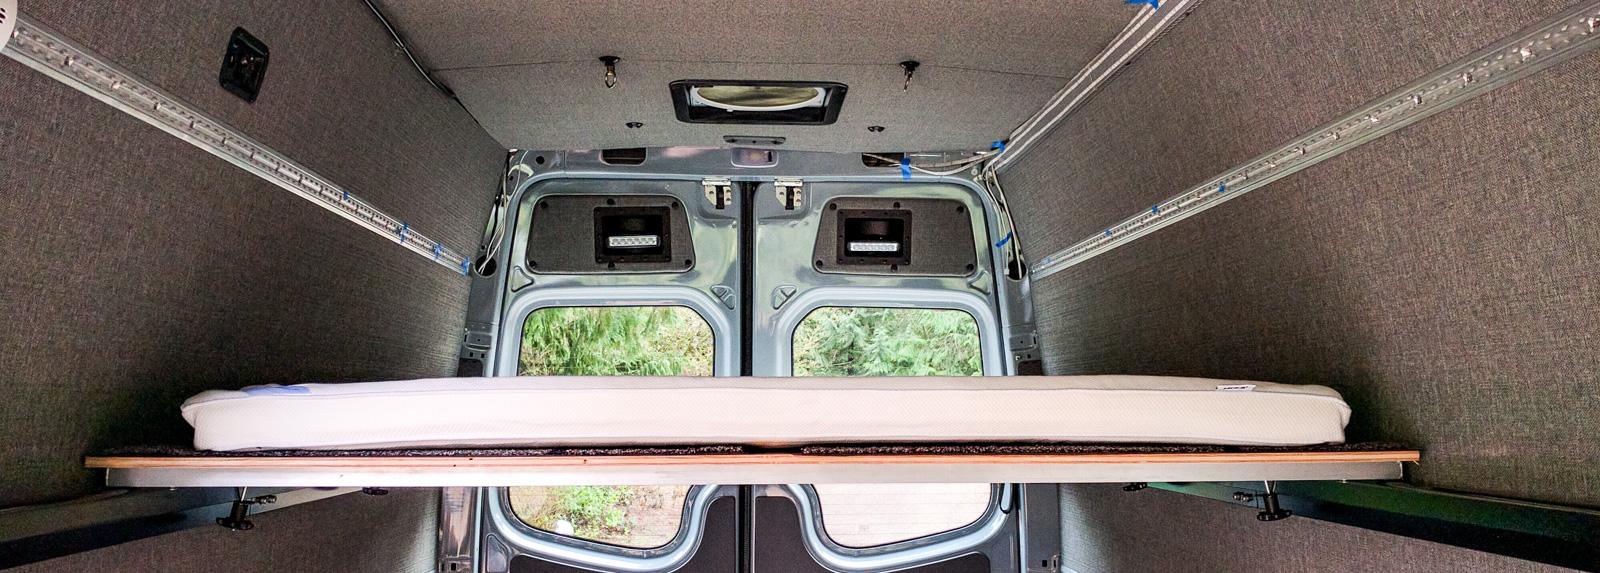 Photos Of The Escape Pod Sprinter Adventure Van